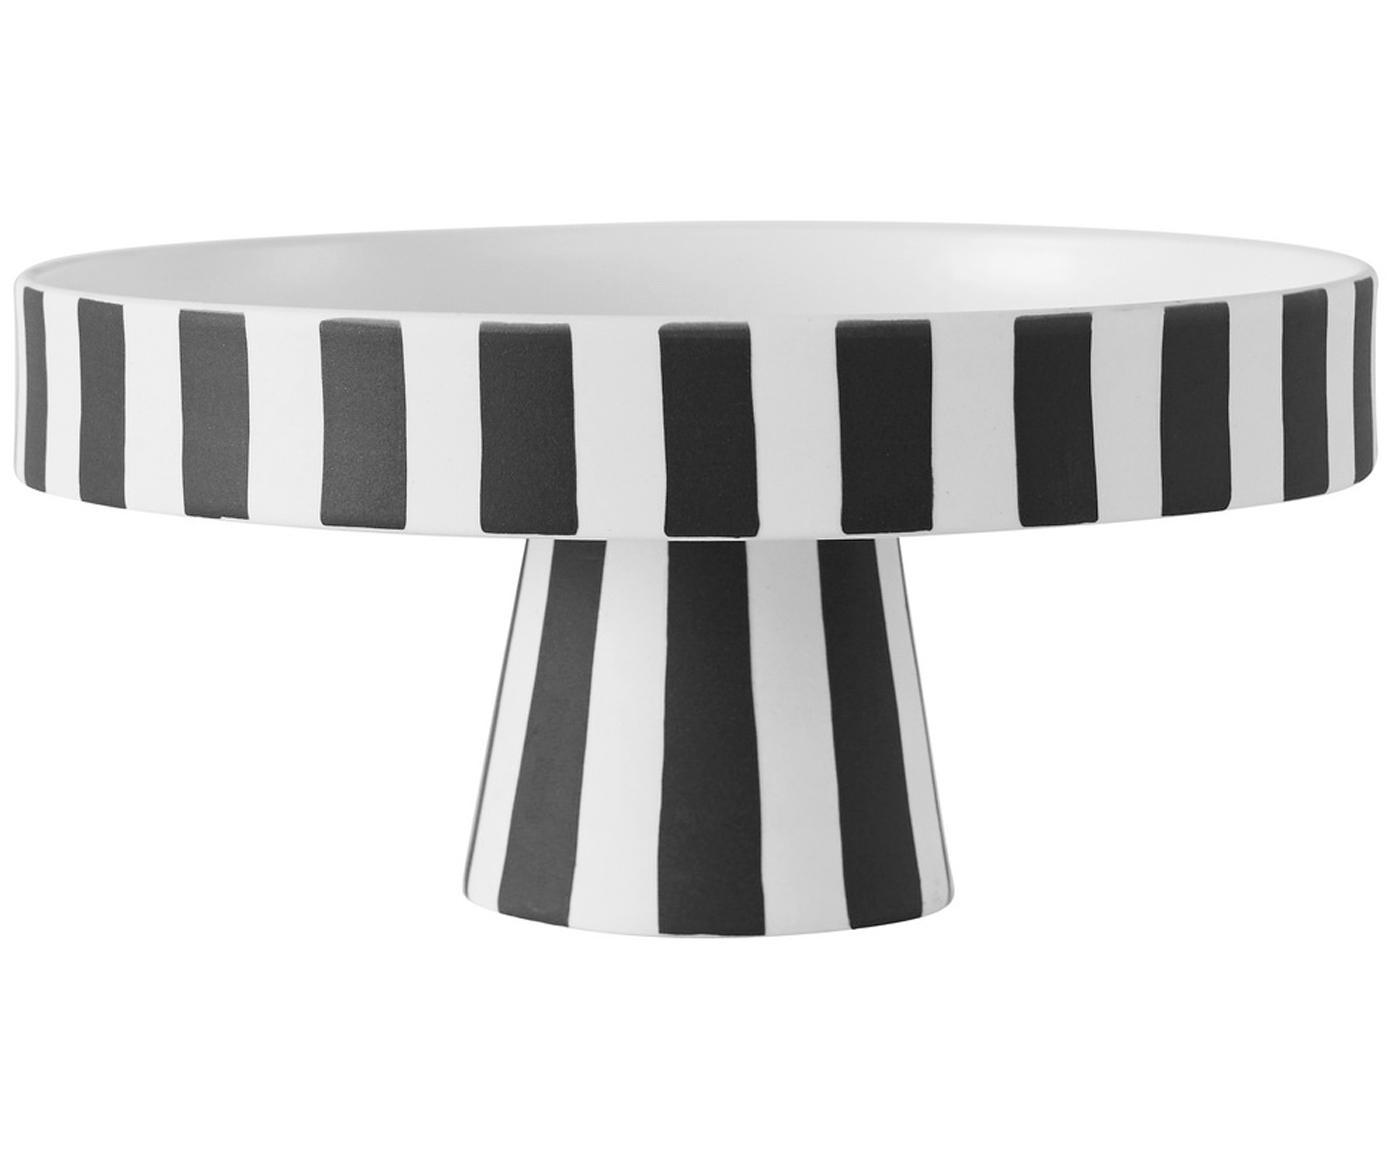 Alzata per dolci piccola Toppu, Ceramica, Bianco, nero, Ø 20 x Alt. 9 cm